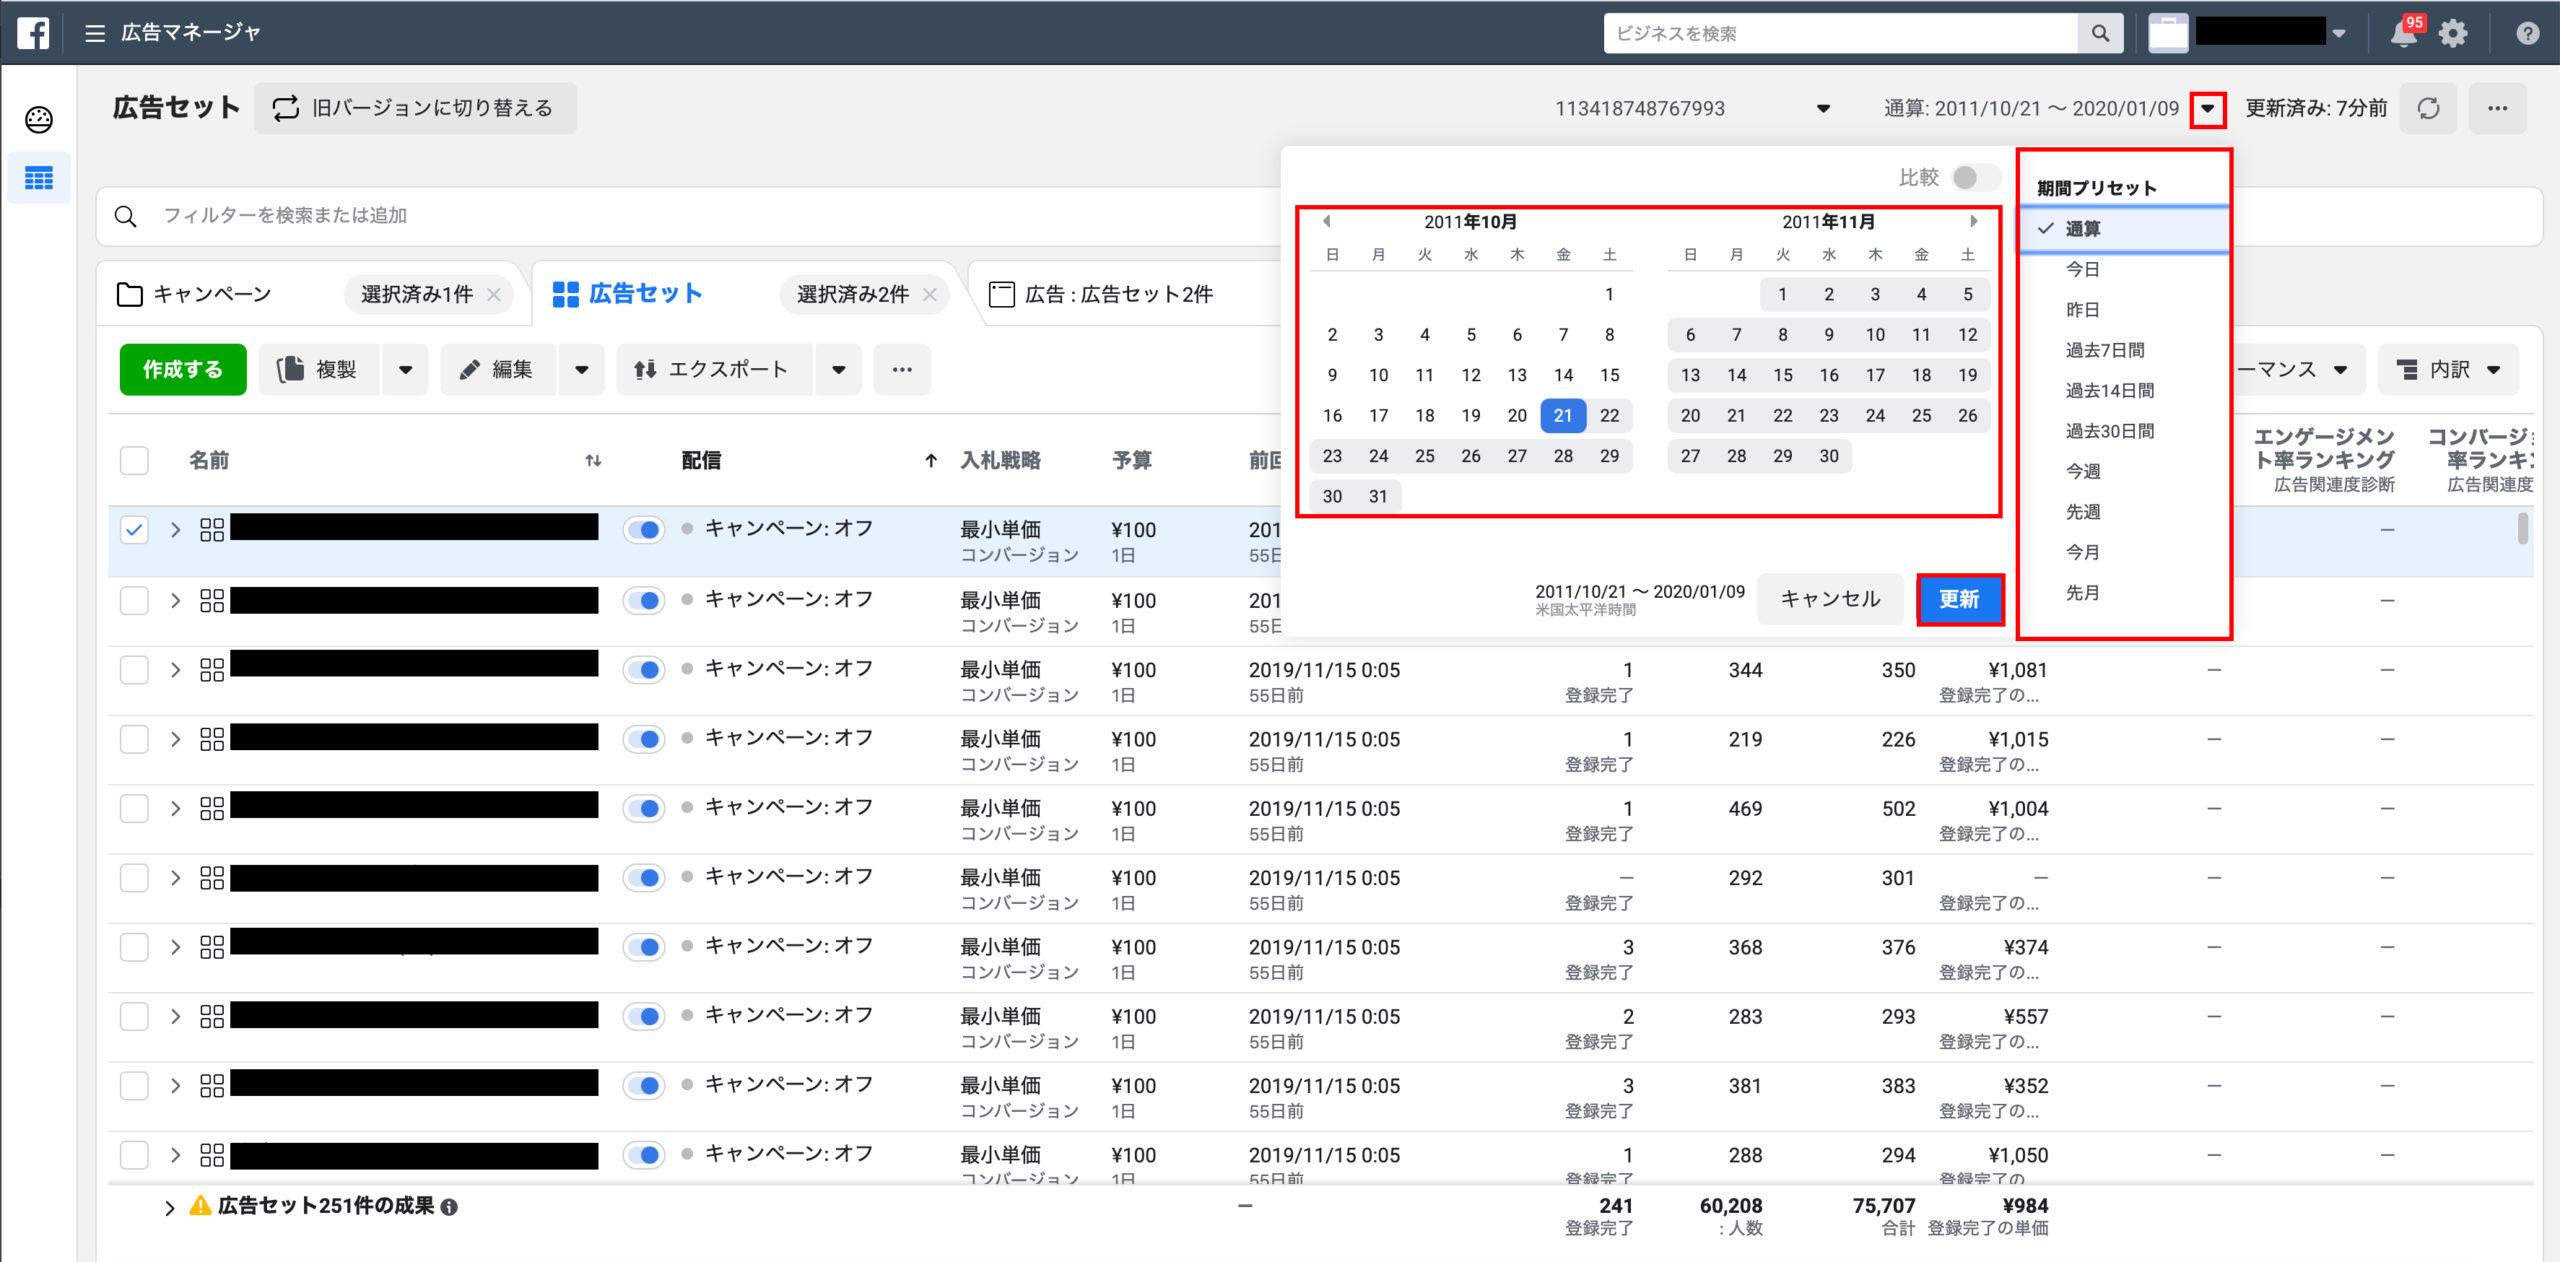 広告データの期間指定